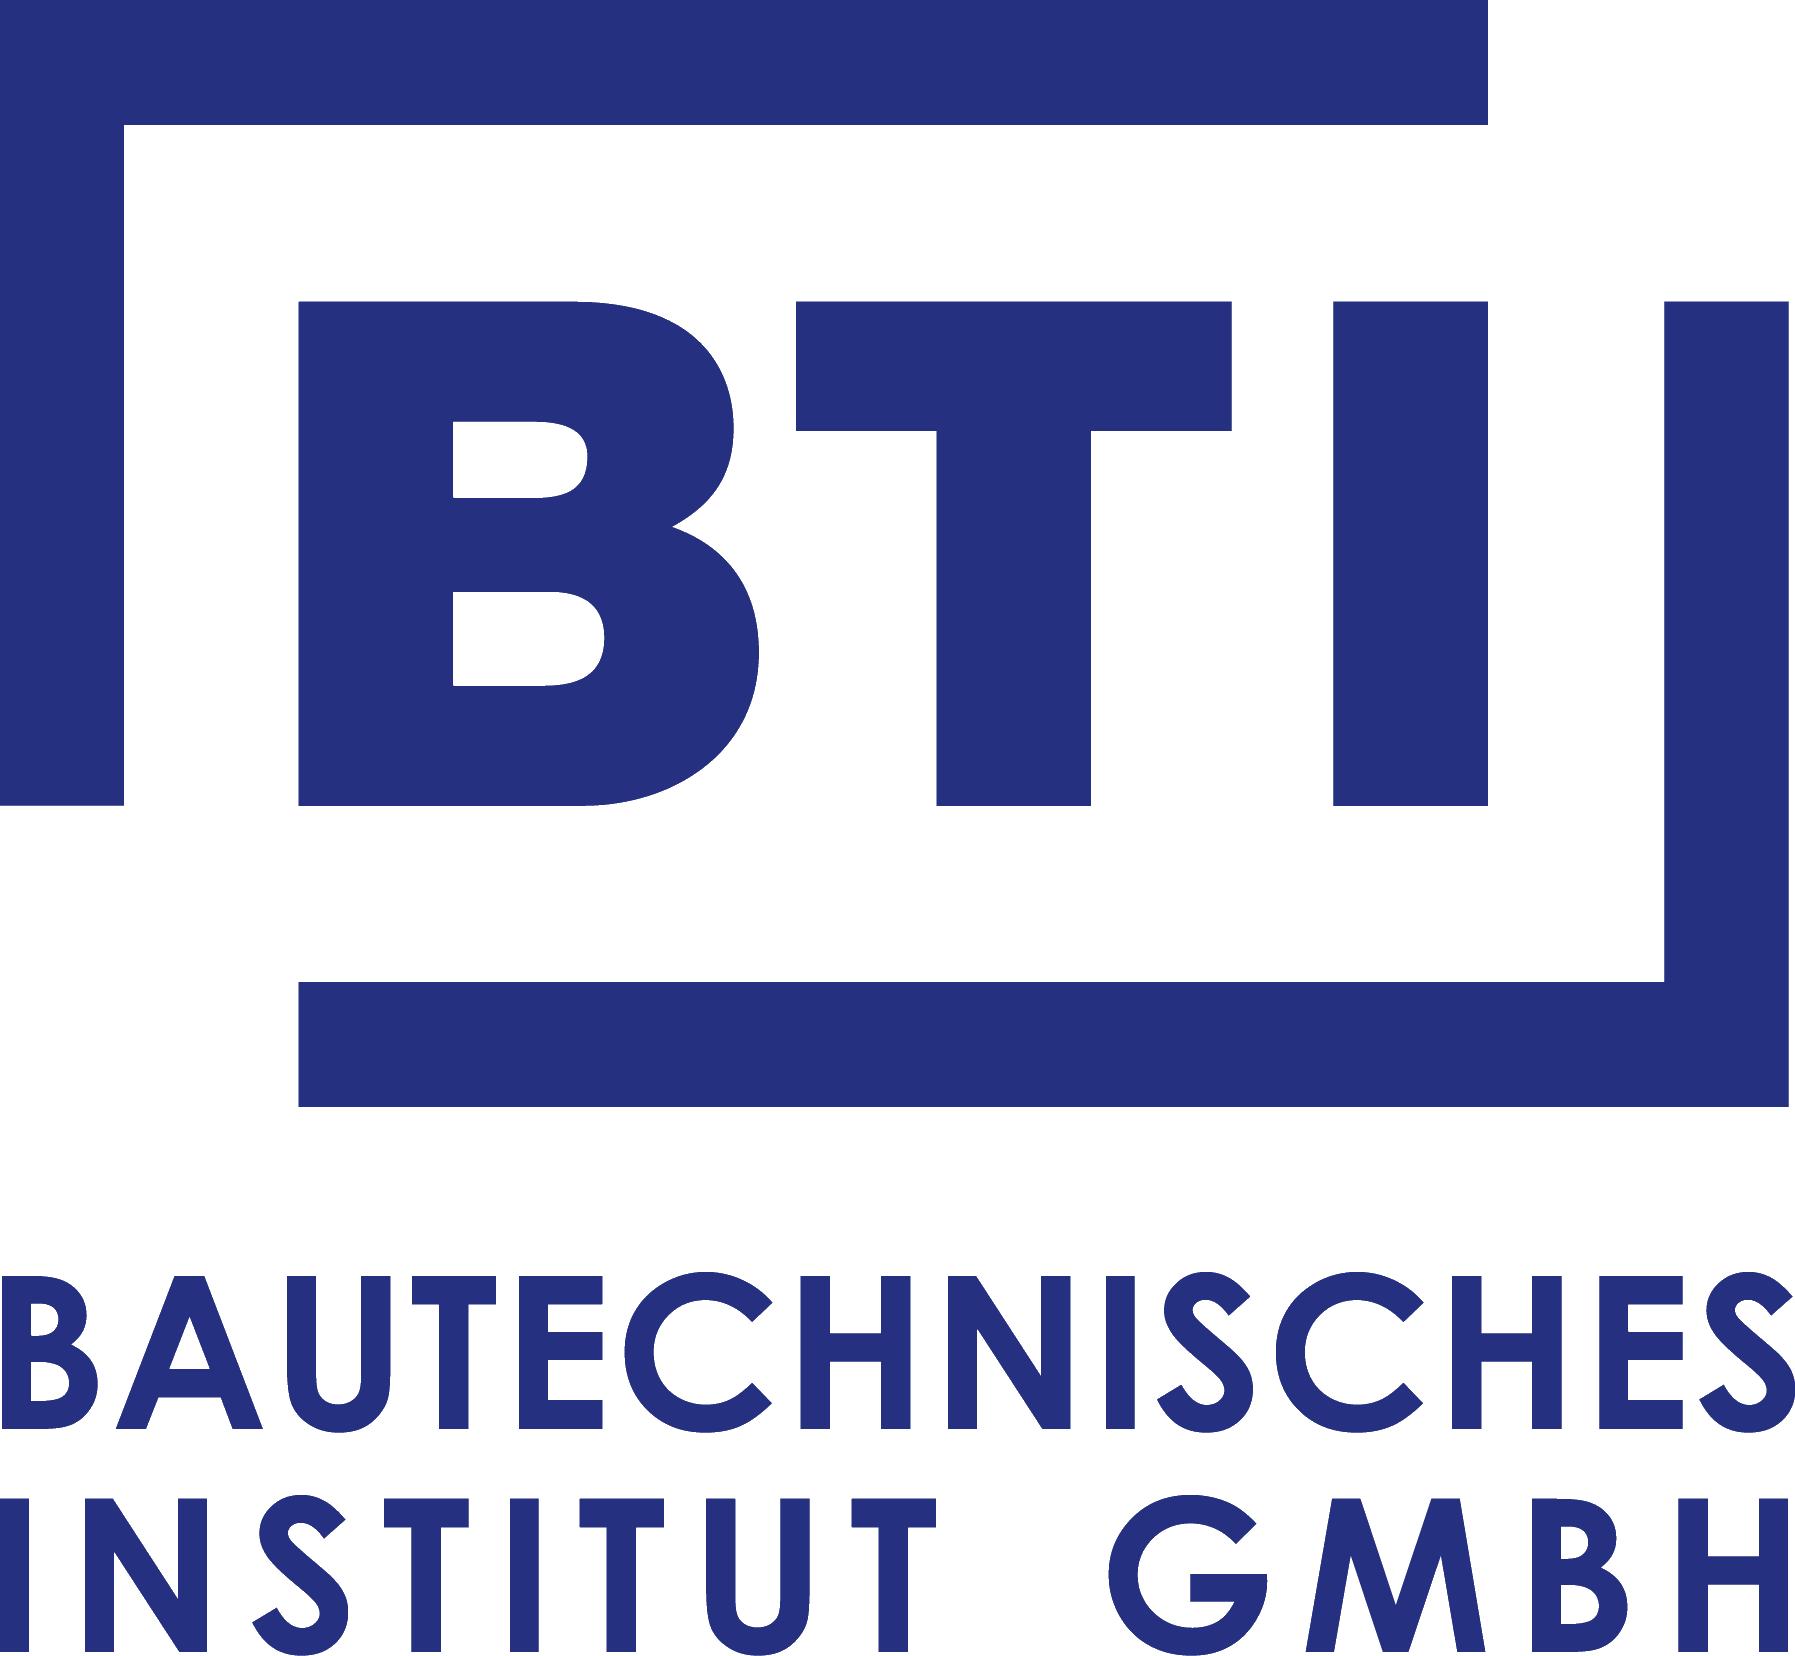 BTI Bautechnisches Institut GmbH - Linz - Oberösterreich | Das Bautechnische Institut ist eine Versuchs- und Forschungsanstalt für Baustoffe und Baukonstruktionen in Oberösterreich. Unsere Erfahrung ist Ihr Vorteil.